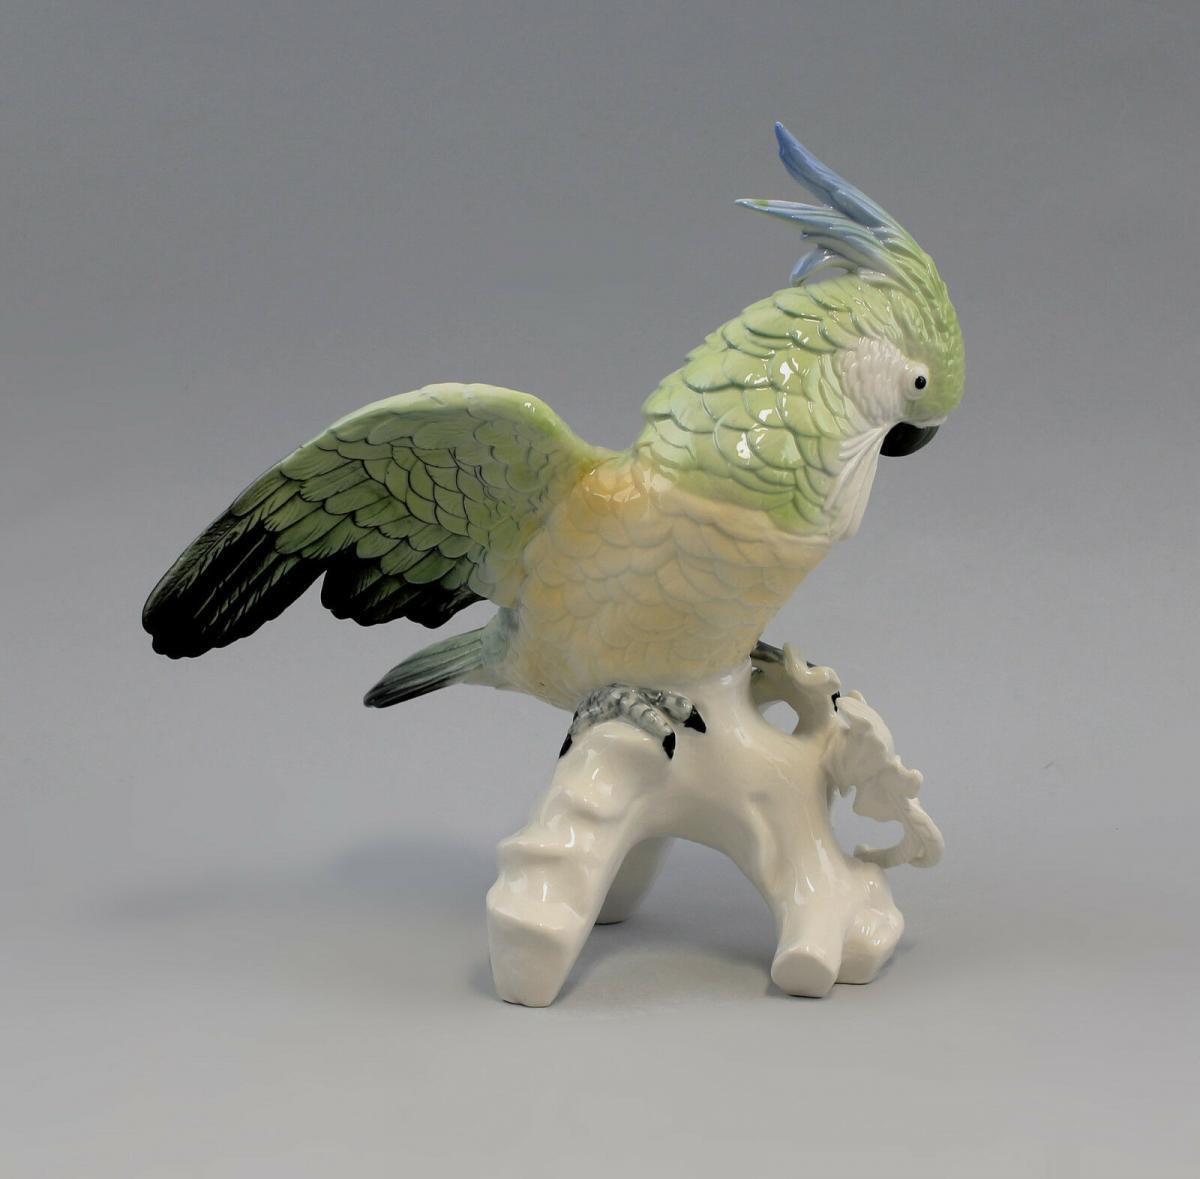 9959090 Porzellan Figur Kakadu fliegend hellgrün gelb Ens 23x20 cm 2